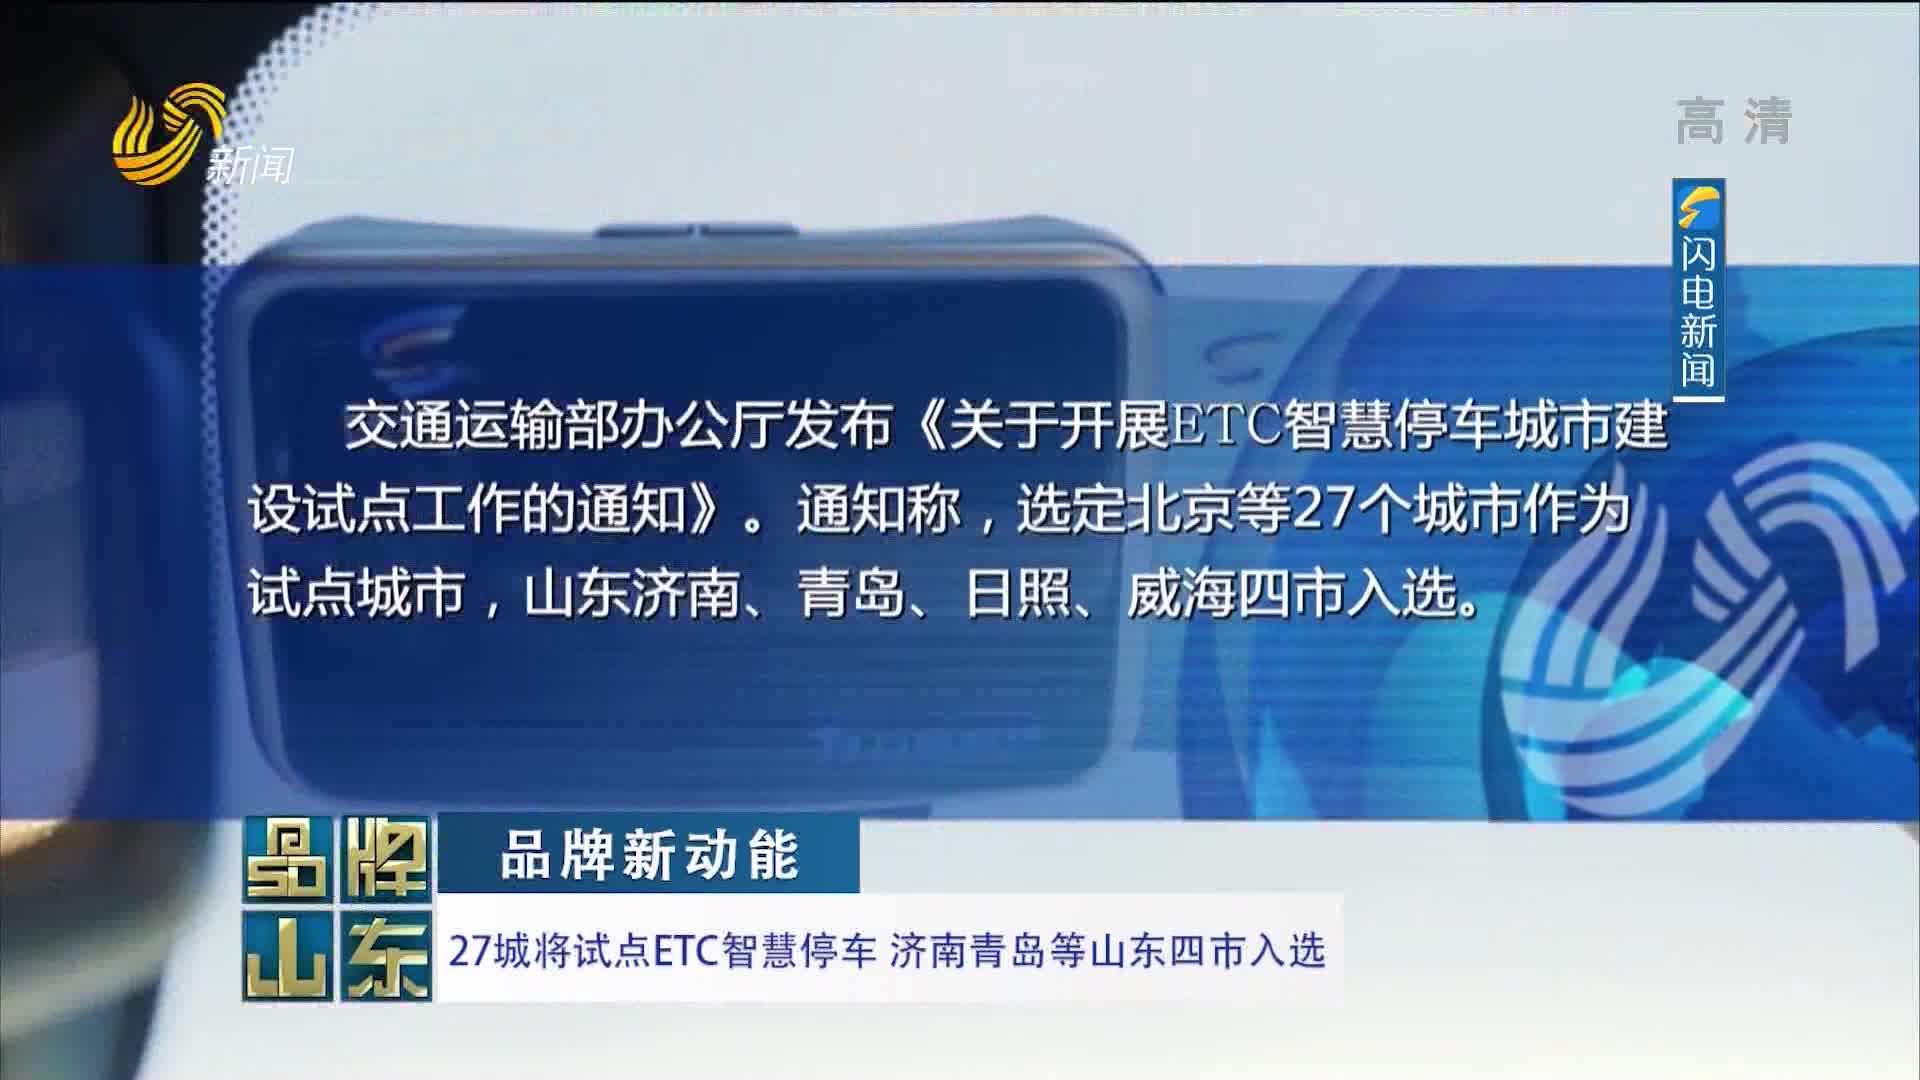 【品牌新动能】27城将试点ETC智慧泊车 济南青岛等山东四市入选